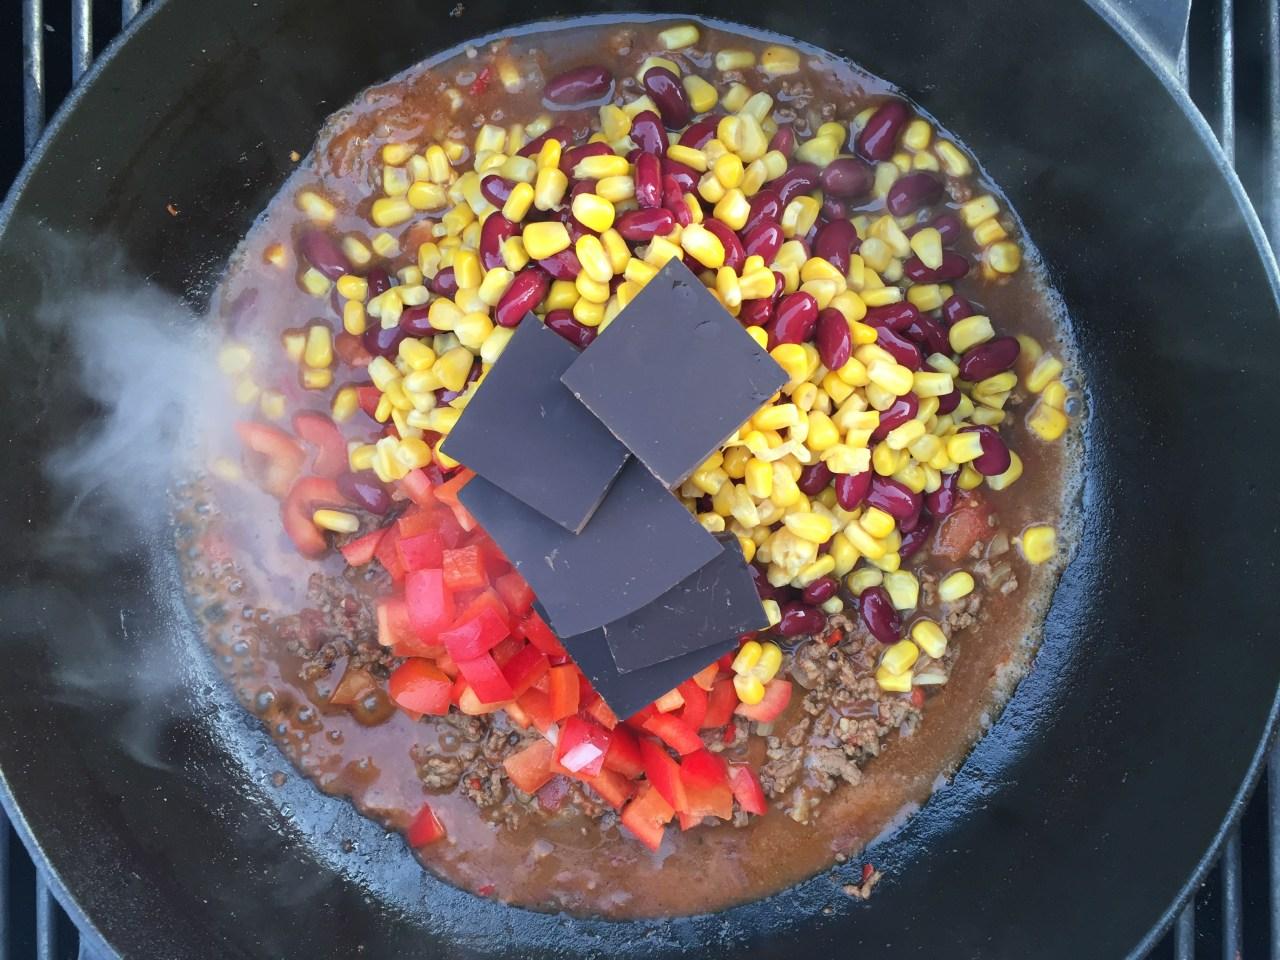 Schokolade, Mais, Bohnen und Paprika dazu